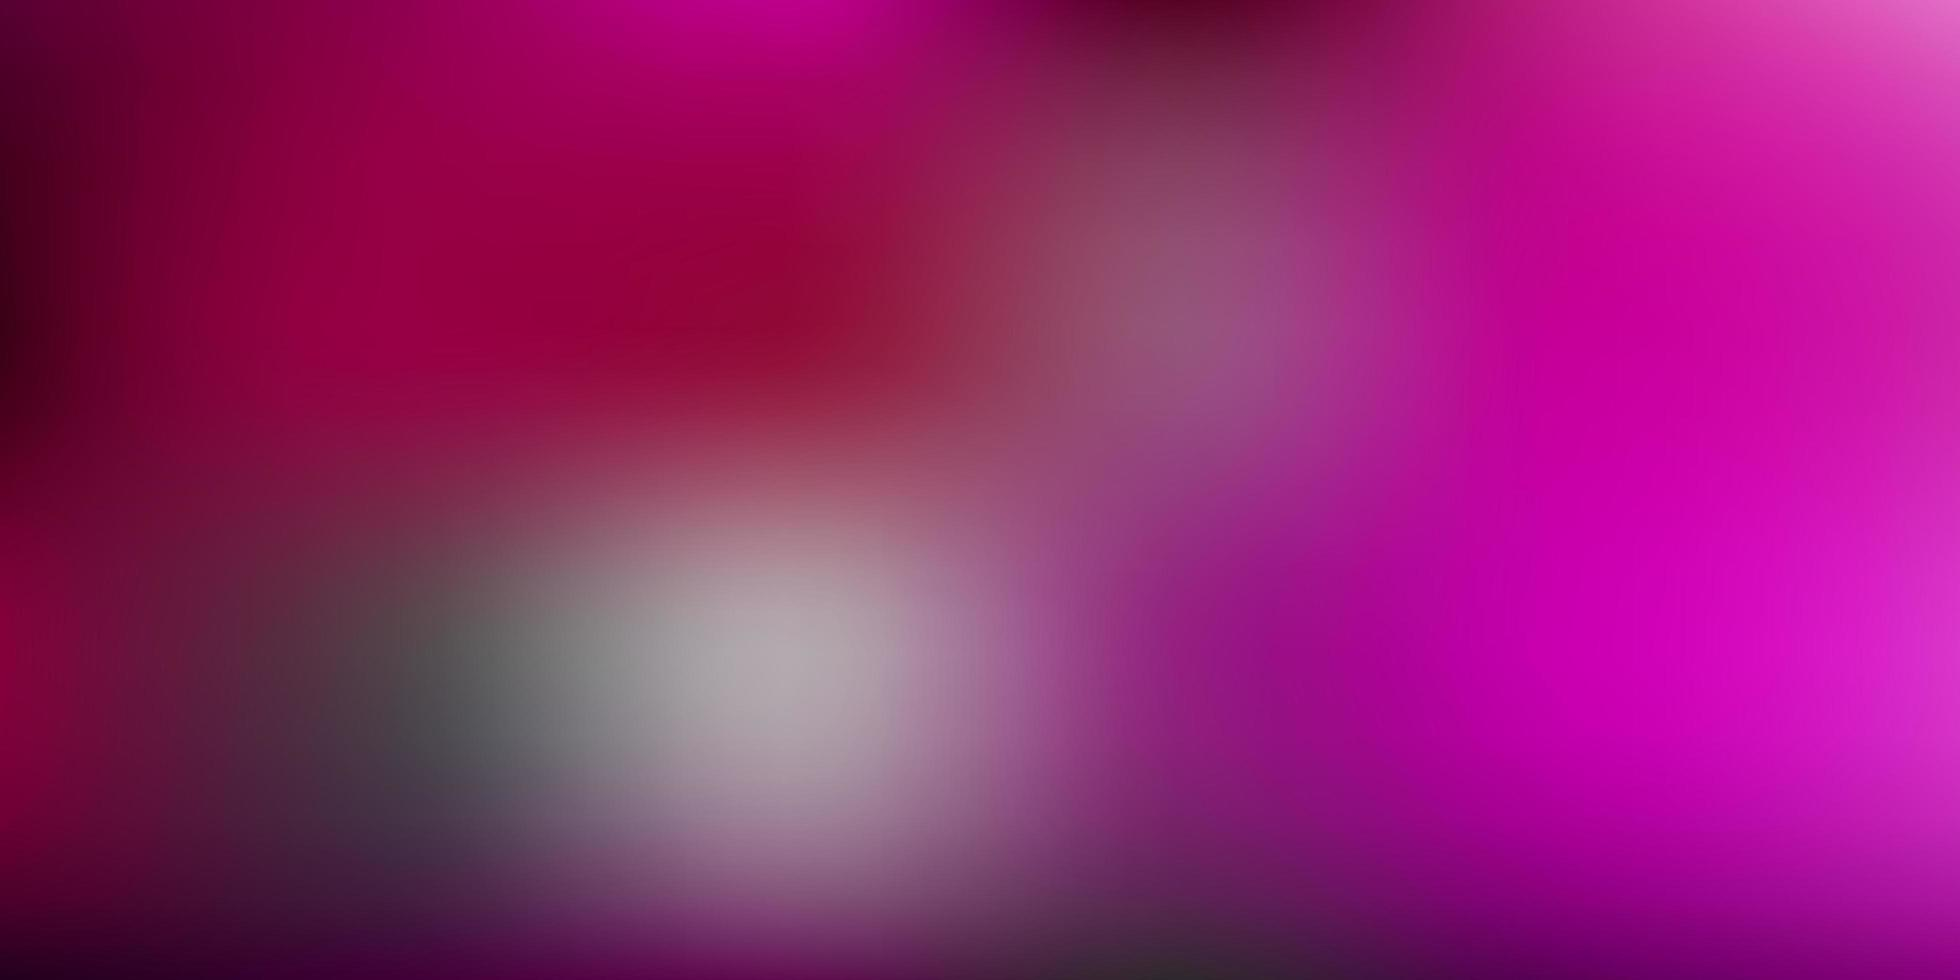 plantilla borrosa vector rosa oscuro.